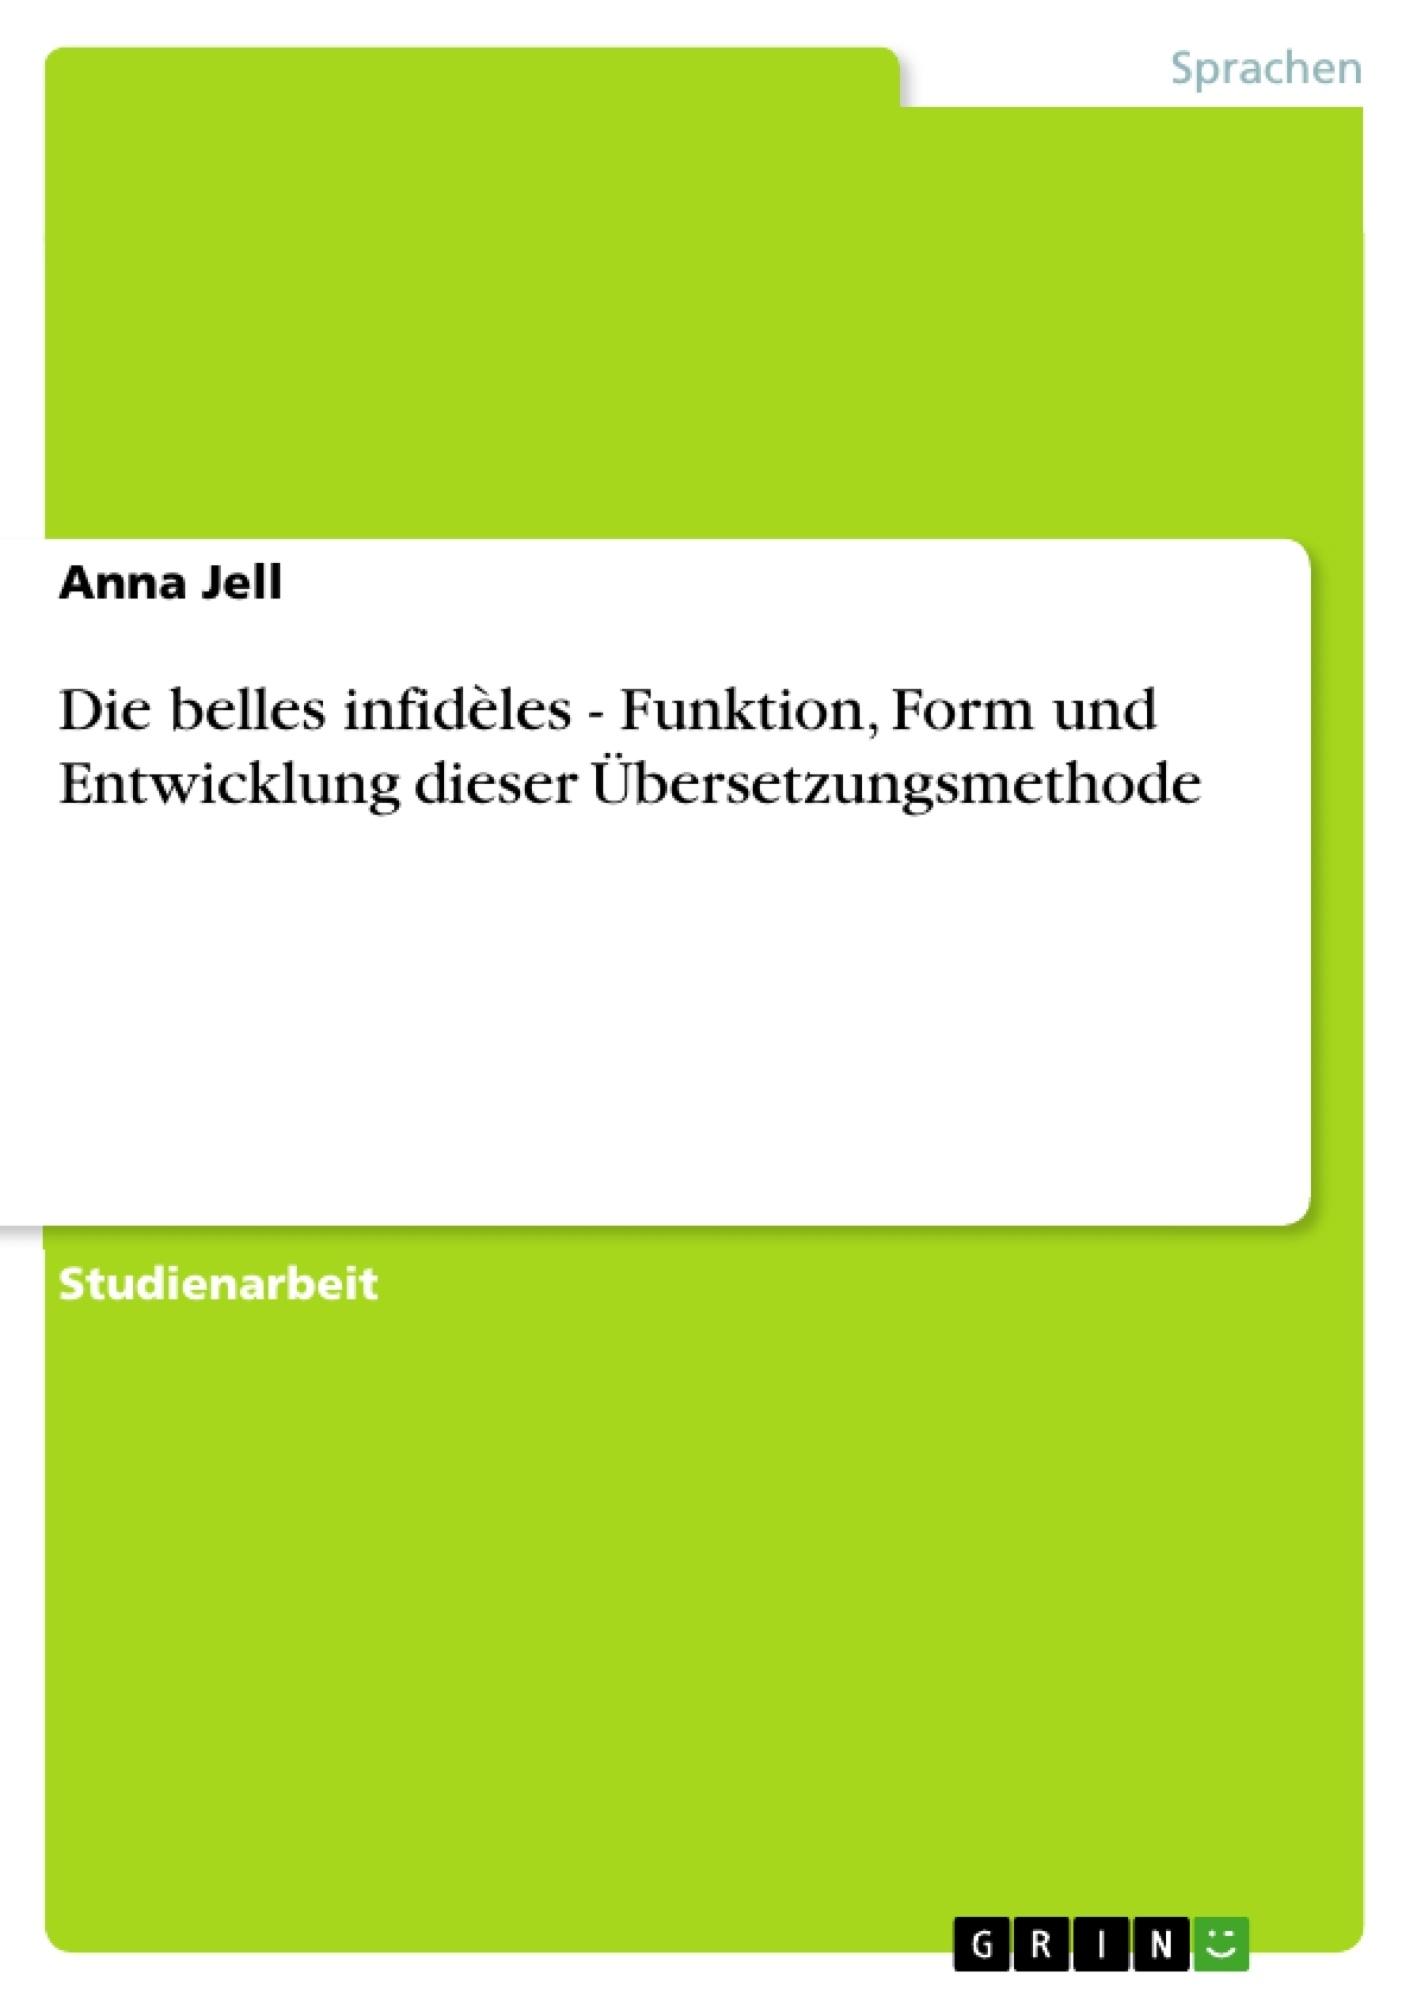 Titel: Die belles infidèles - Funktion, Form und Entwicklung dieser Übersetzungsmethode